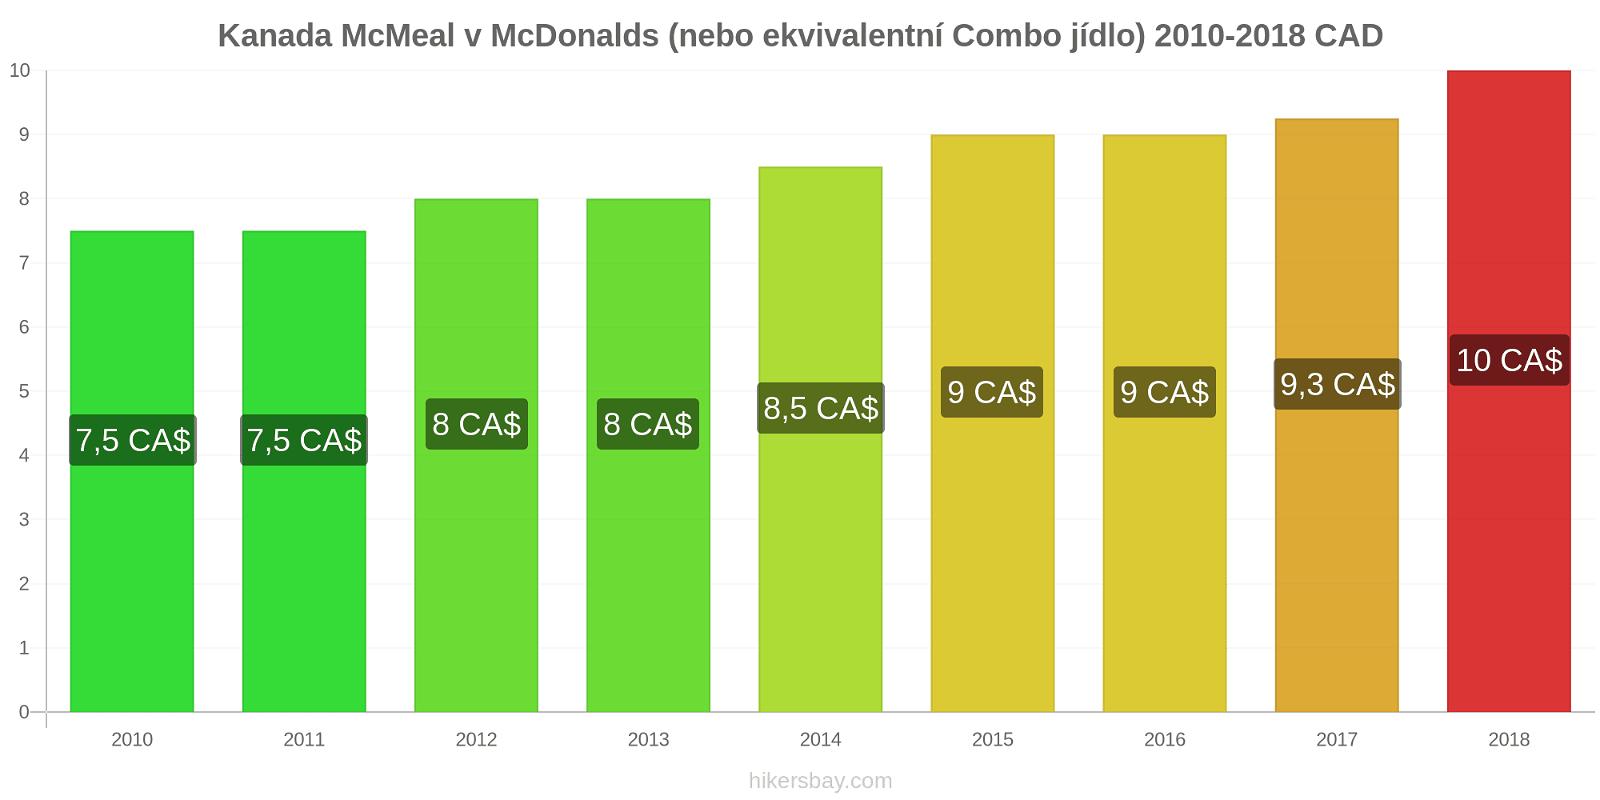 Kanada změny cen McMeal v McDonalds (nebo ekvivalentní Combo jídlo) hikersbay.com